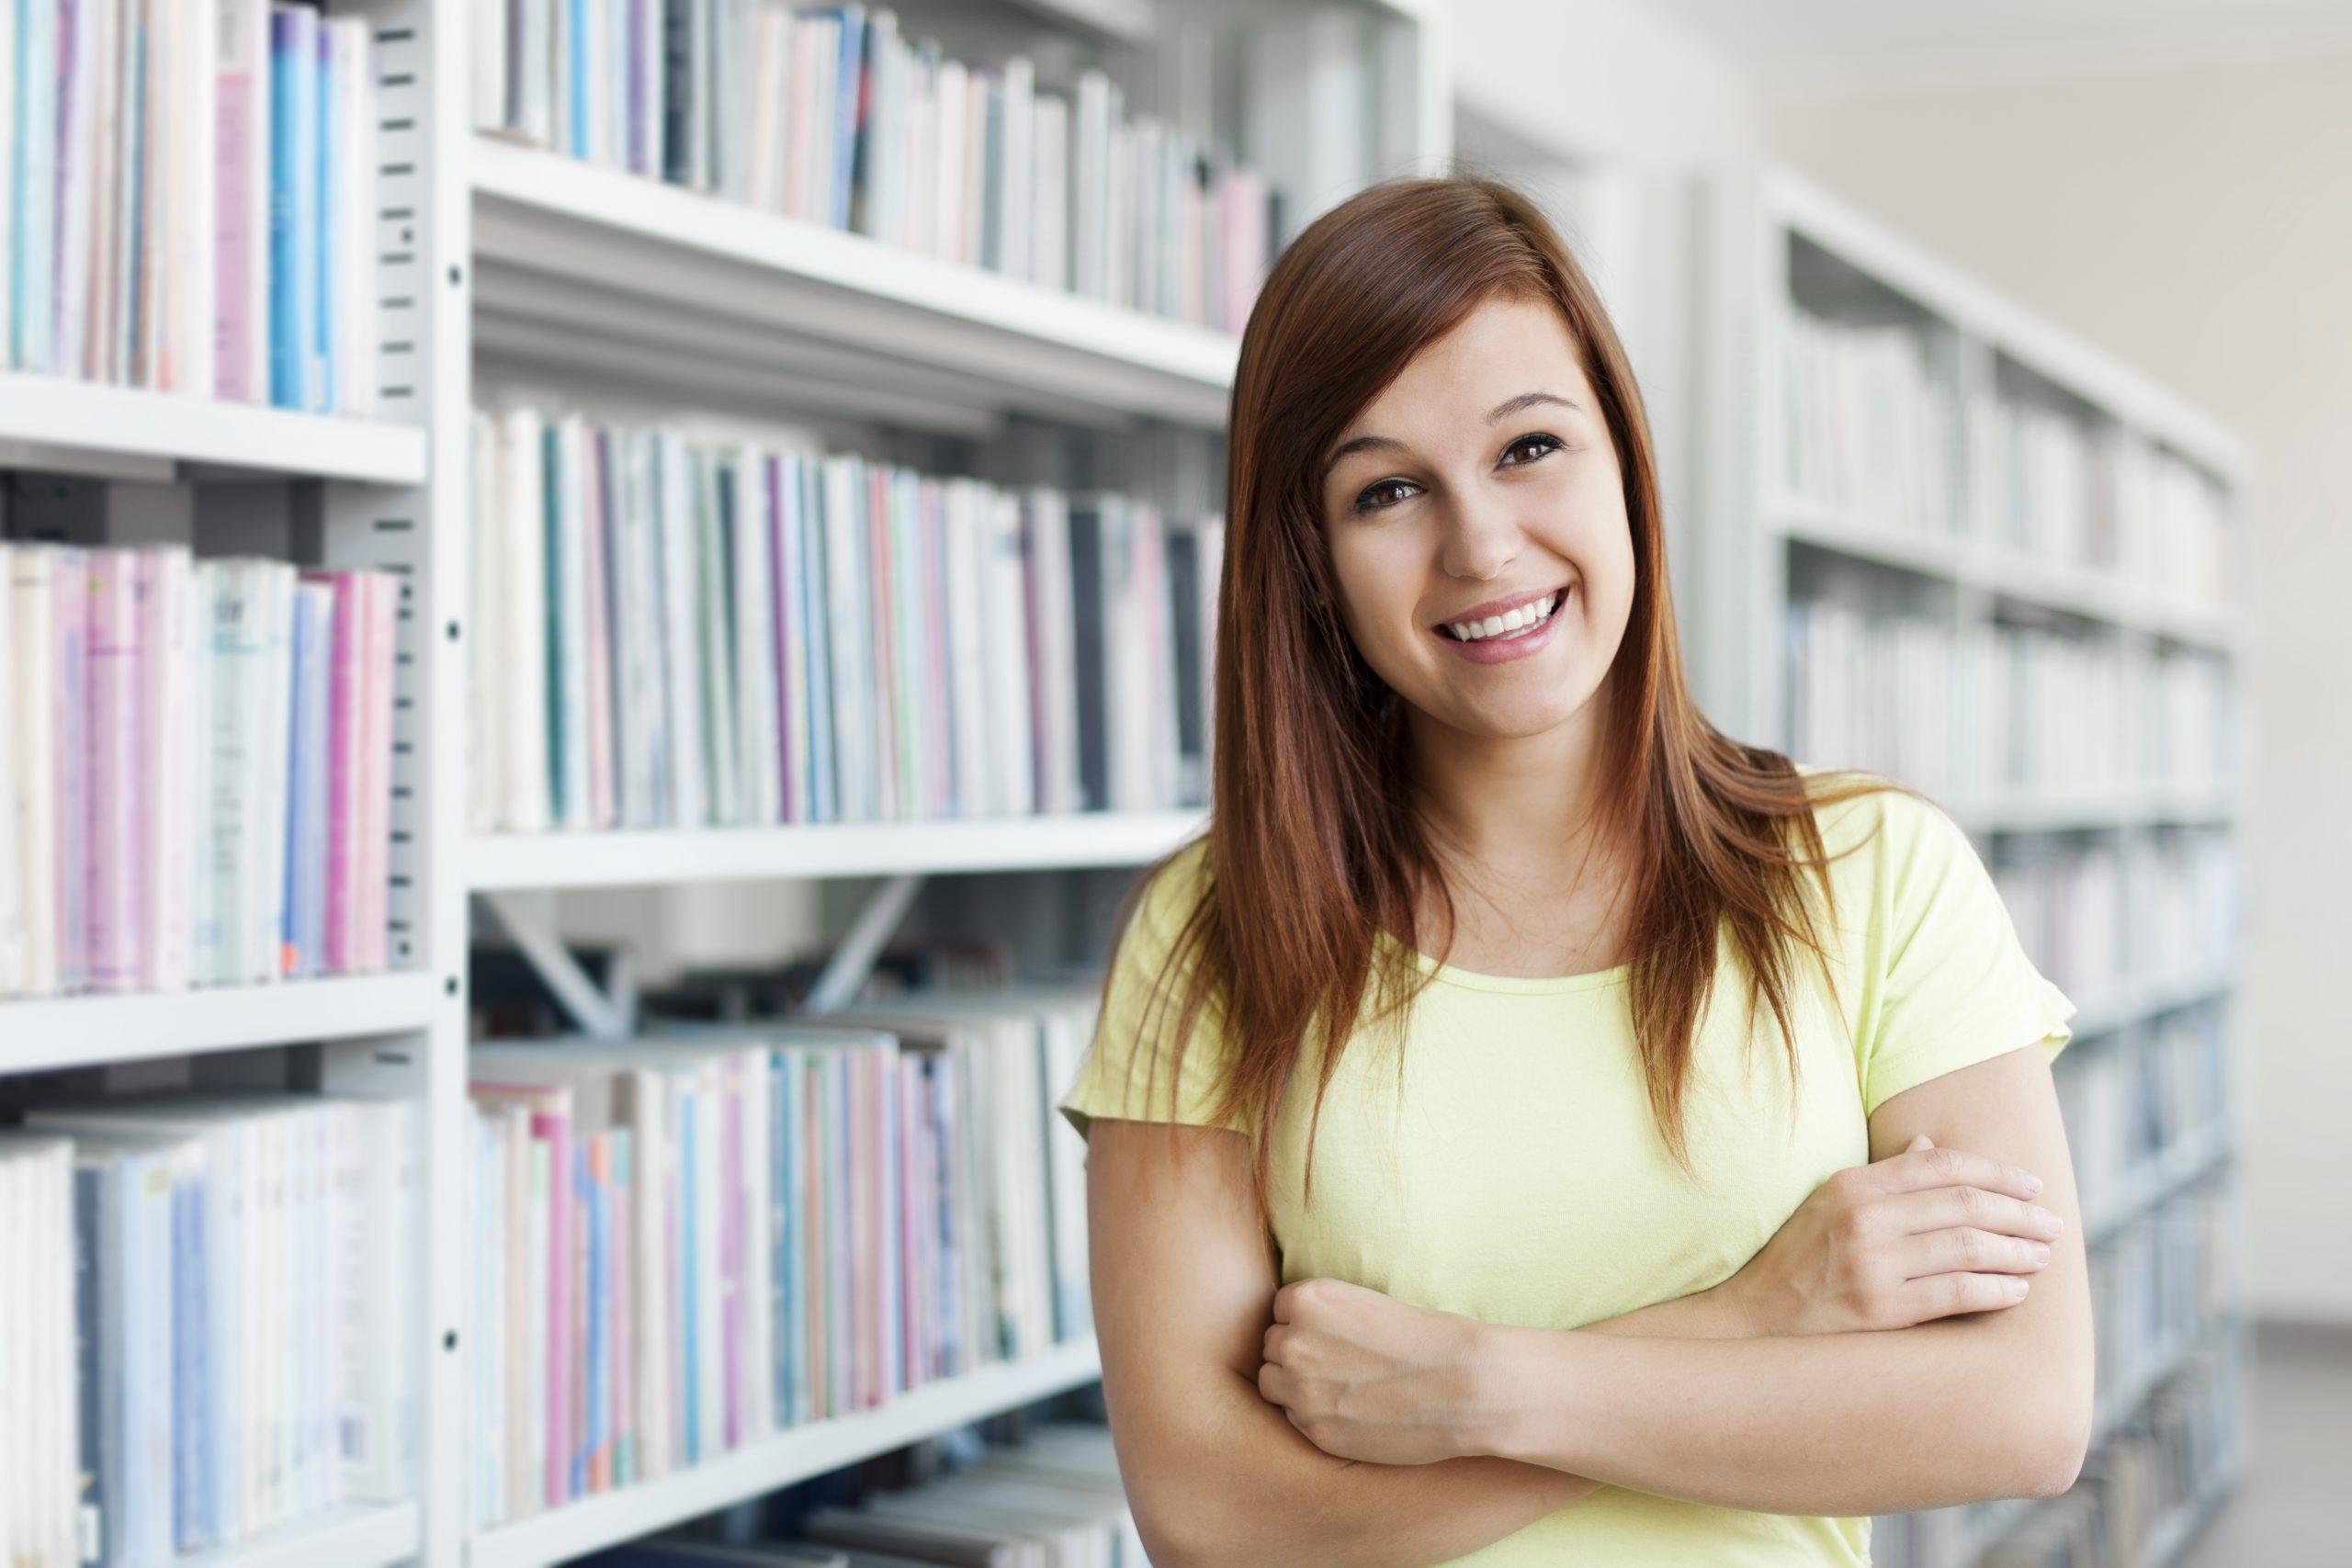 Oposición Bibliotecas Universidad Complutense